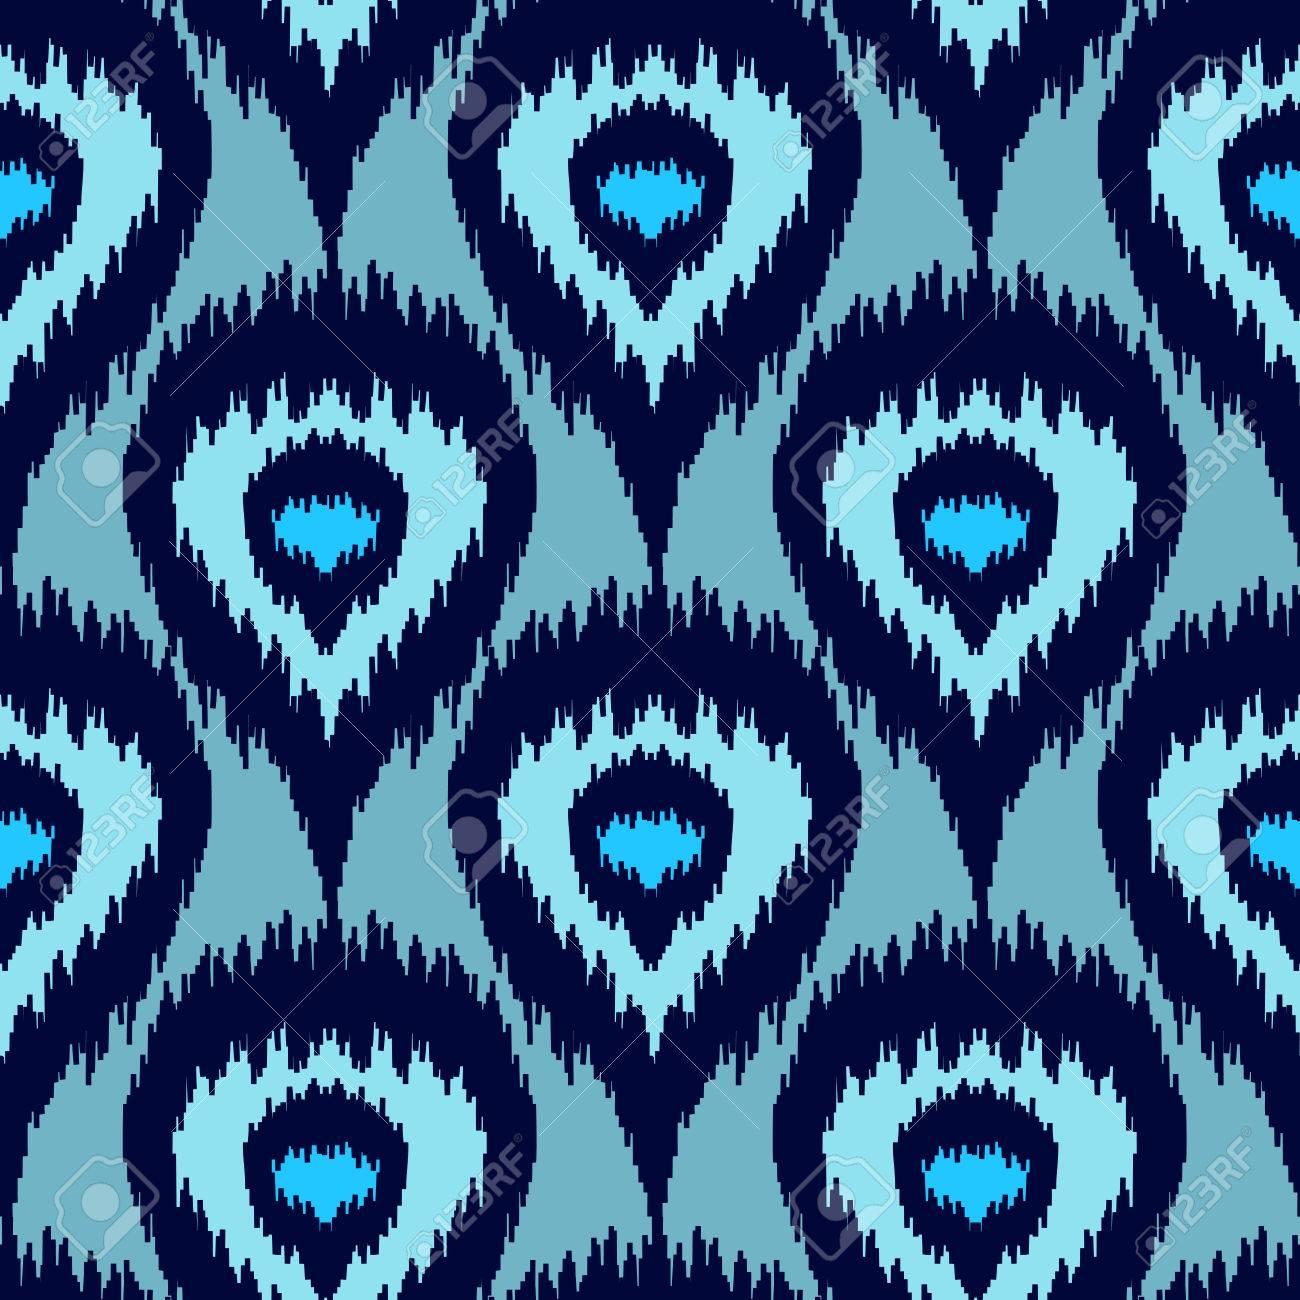 Ethnique Motif Bleu Transparent Boho Textile D Hiver Impression